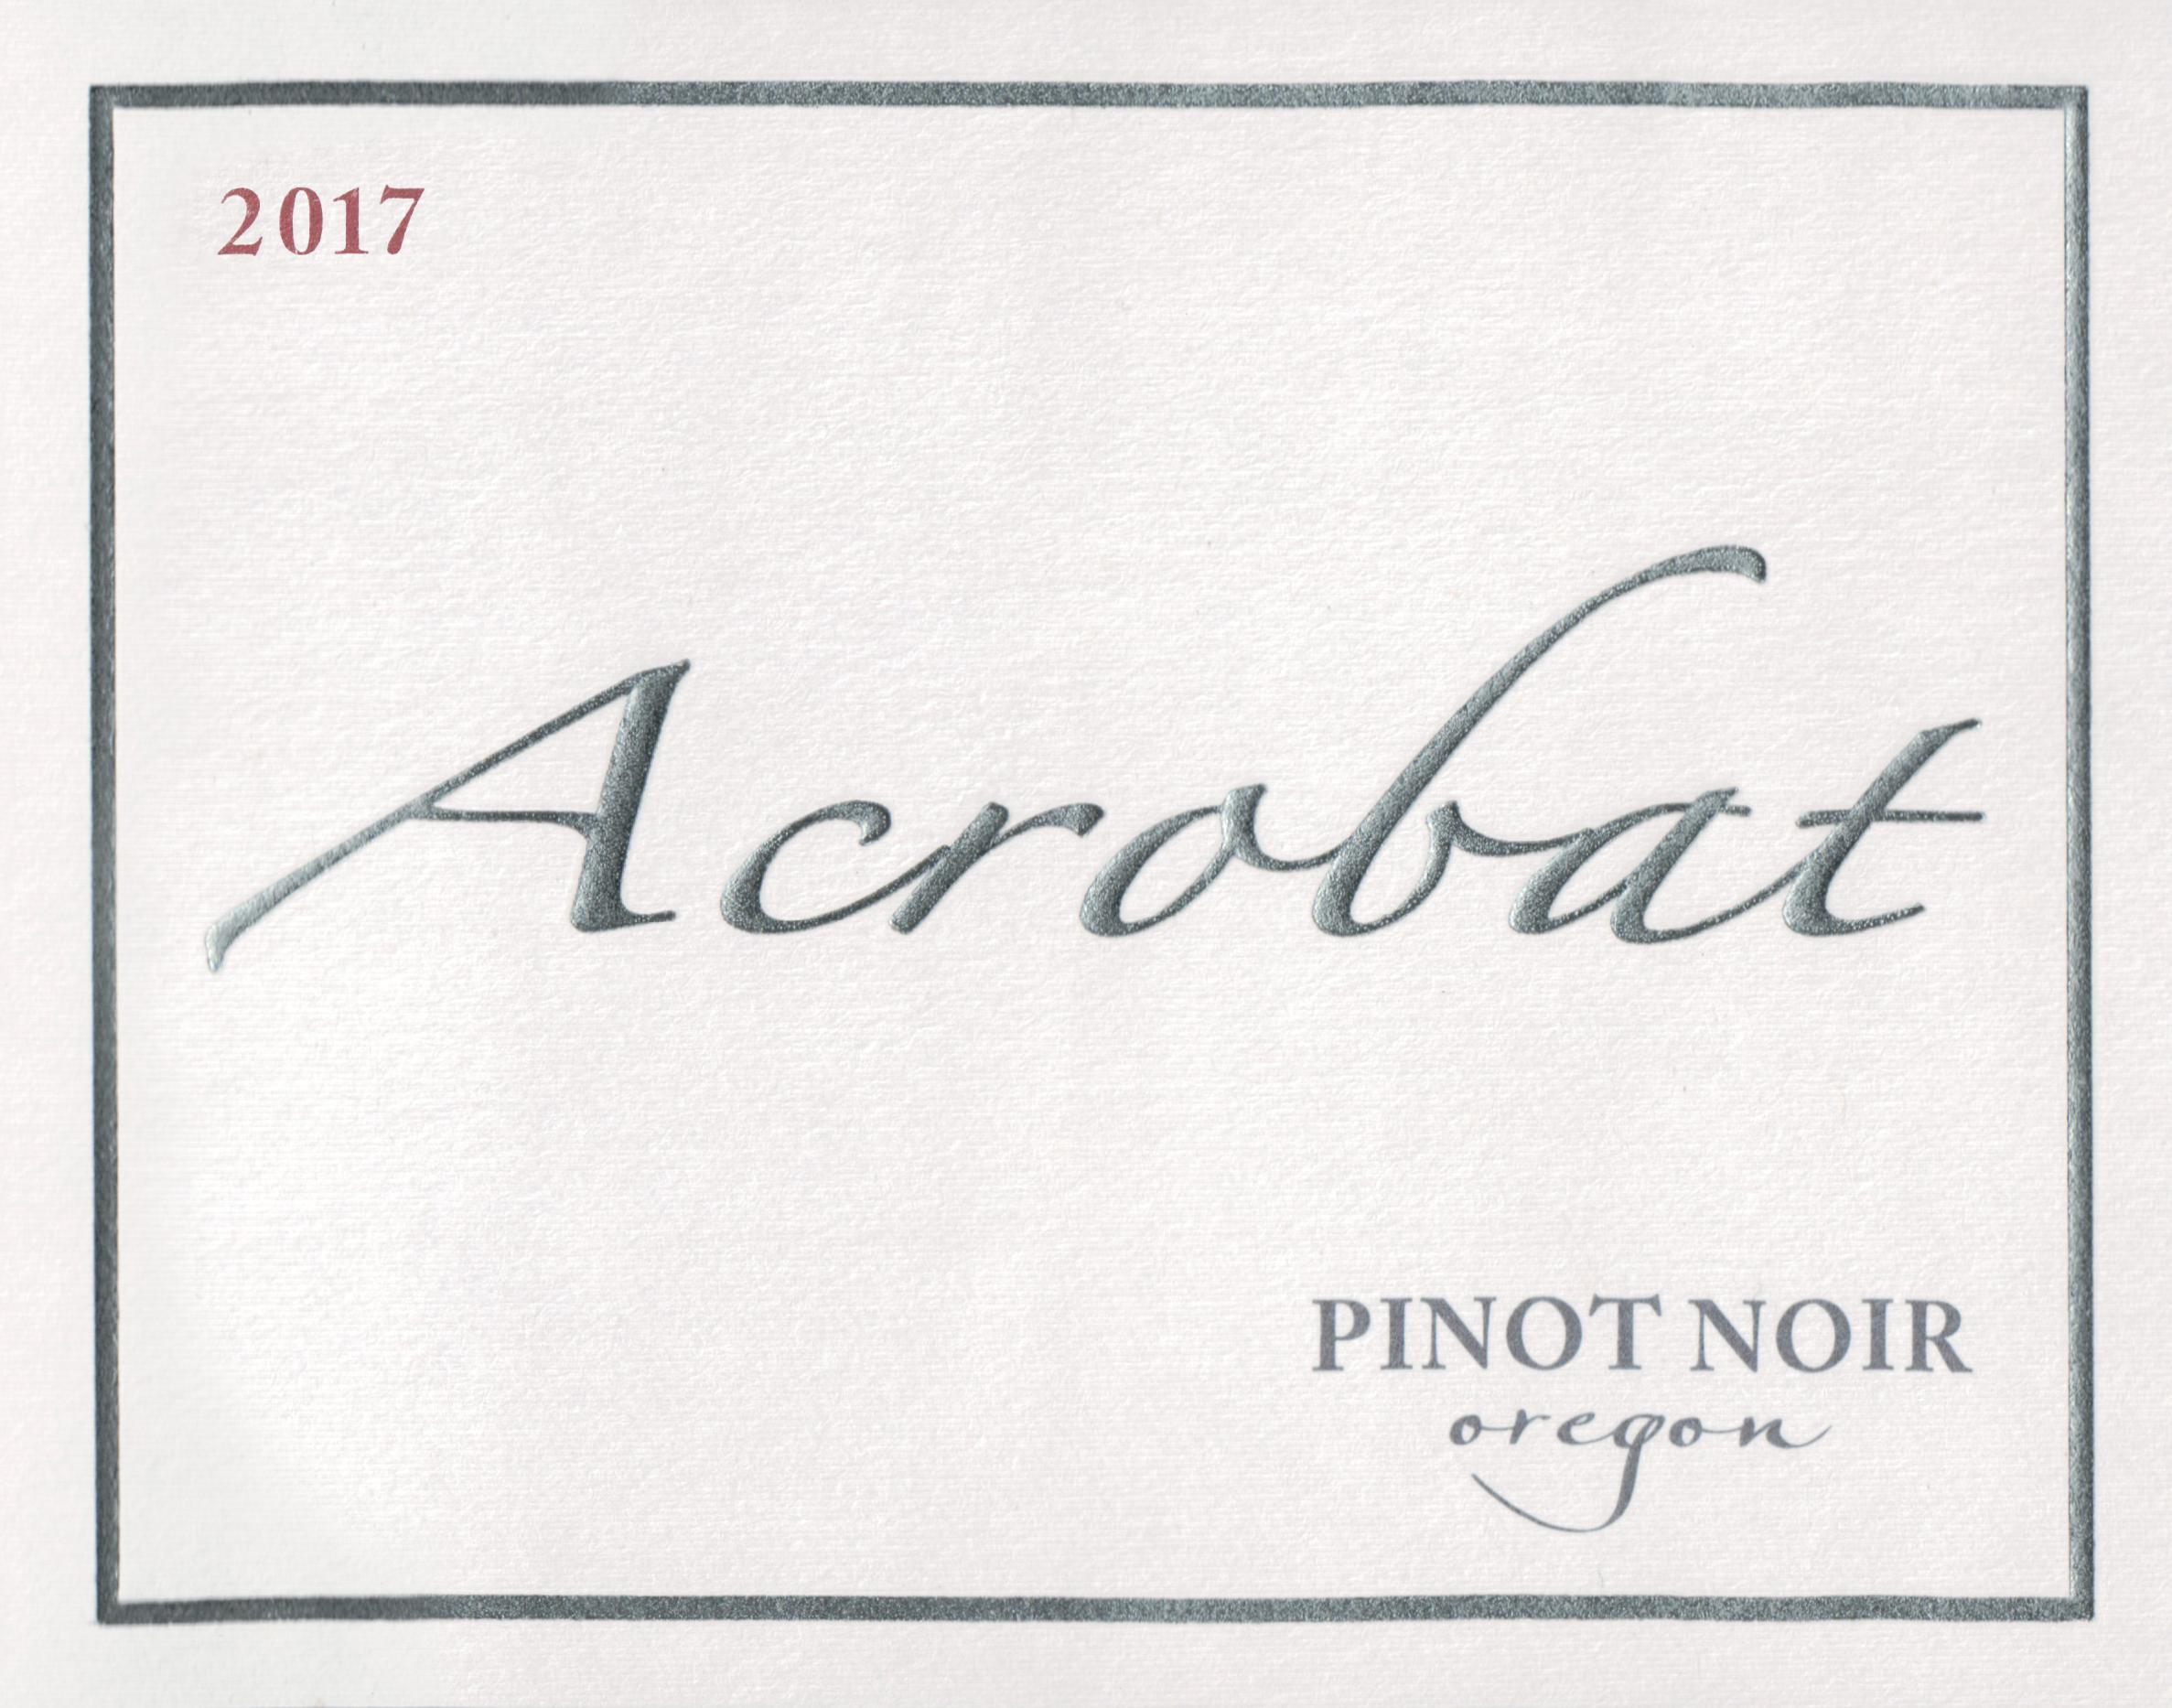 King Estate Acrobat Pinot Noir 2017